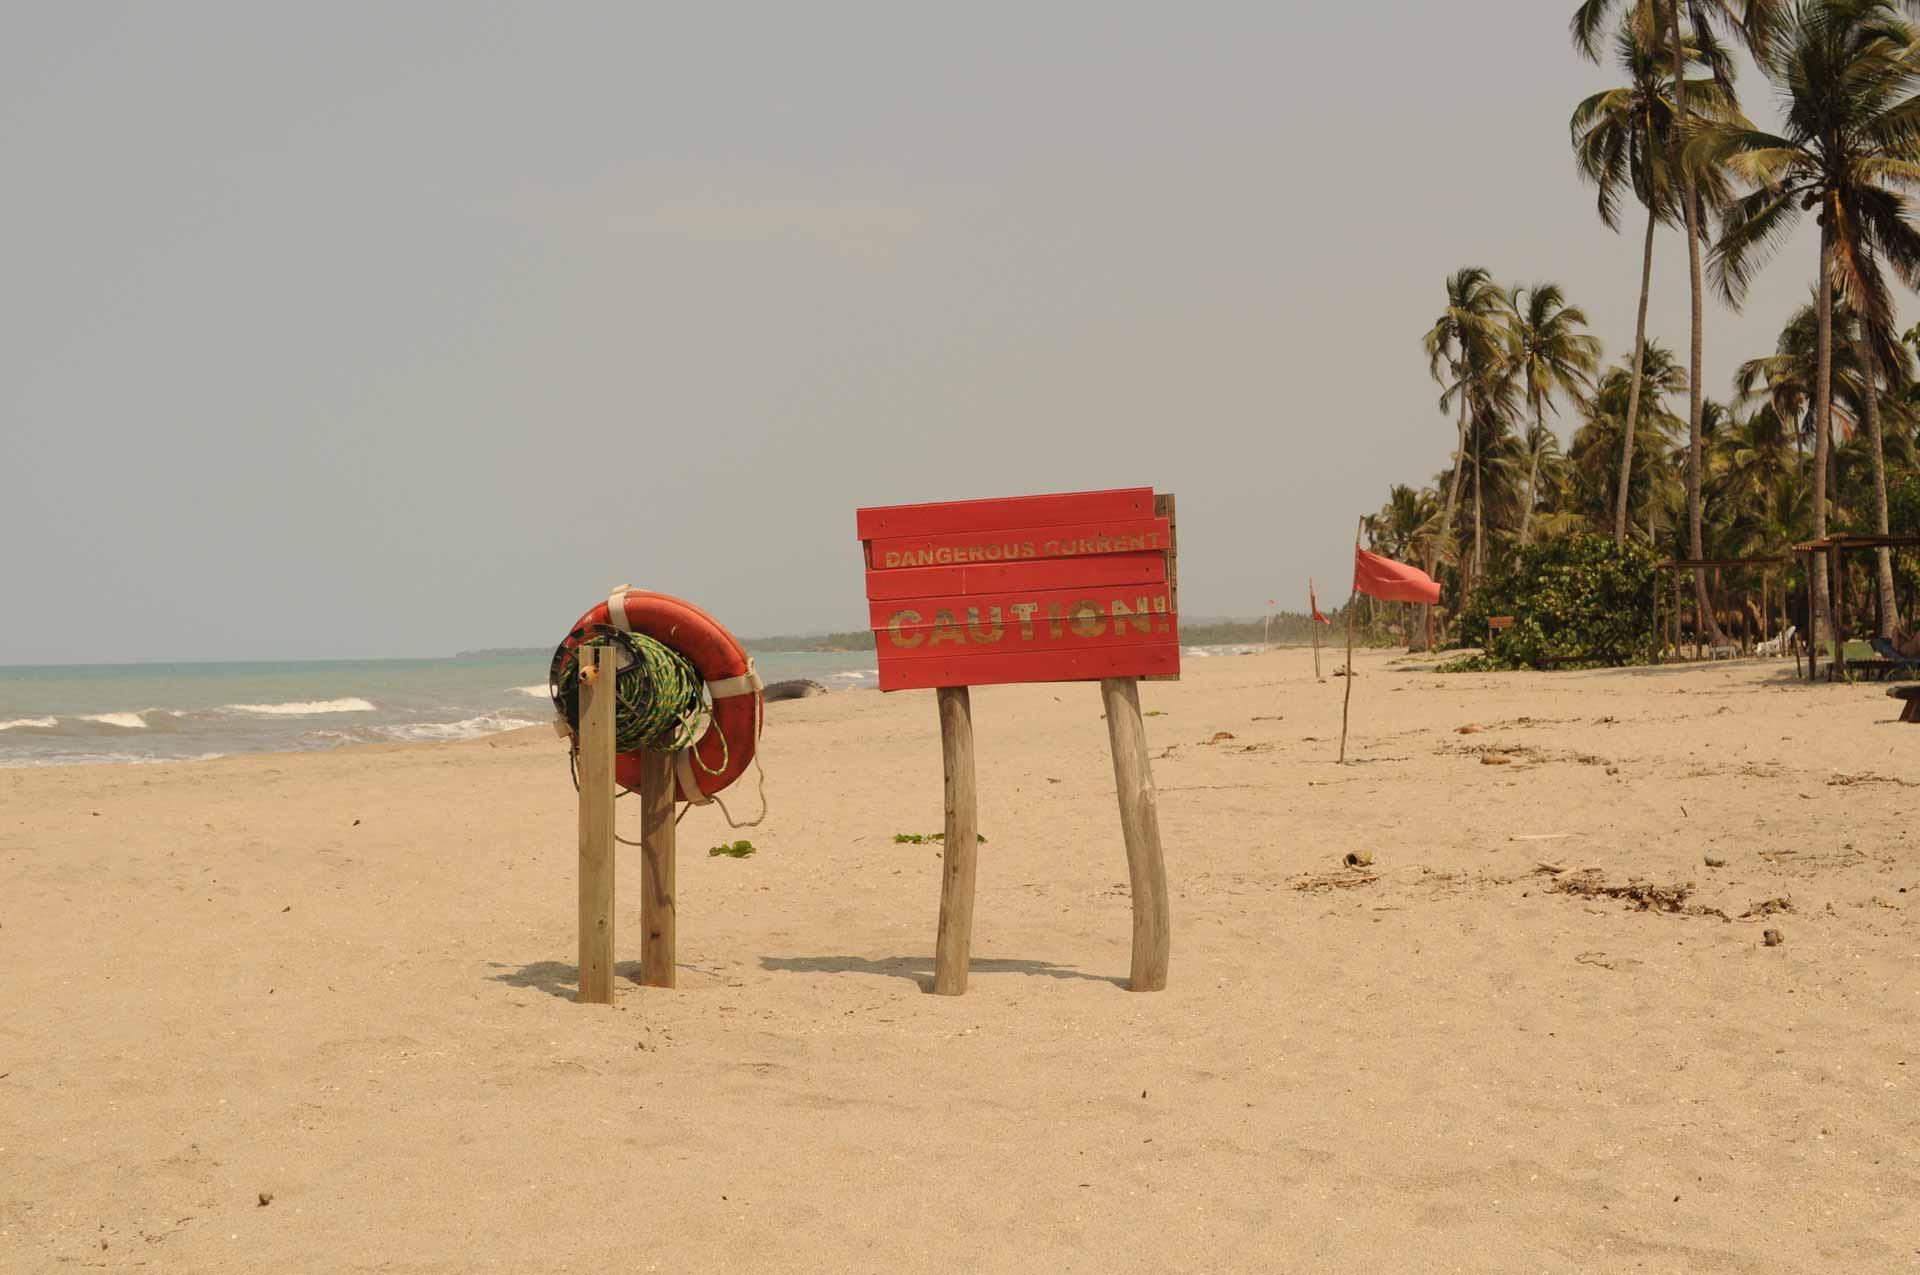 Palomino - 2 Wochen im kolumbianischen La Guajira 1